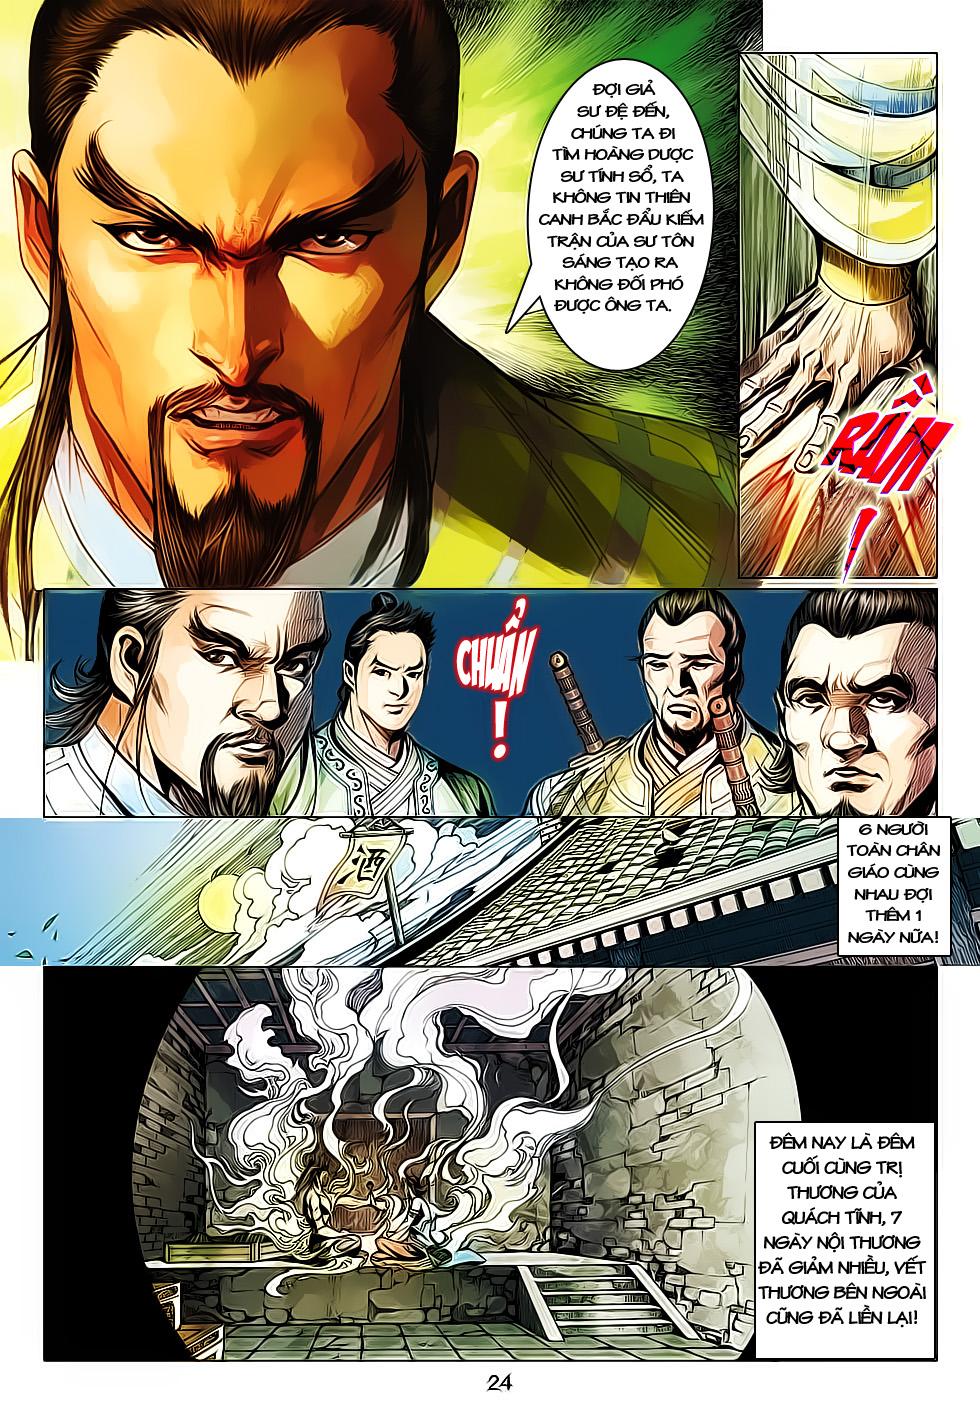 Anh Hùng Xạ Điêu anh hùng xạ đêu chap 61: thất tử chiến thiết thi trang 24